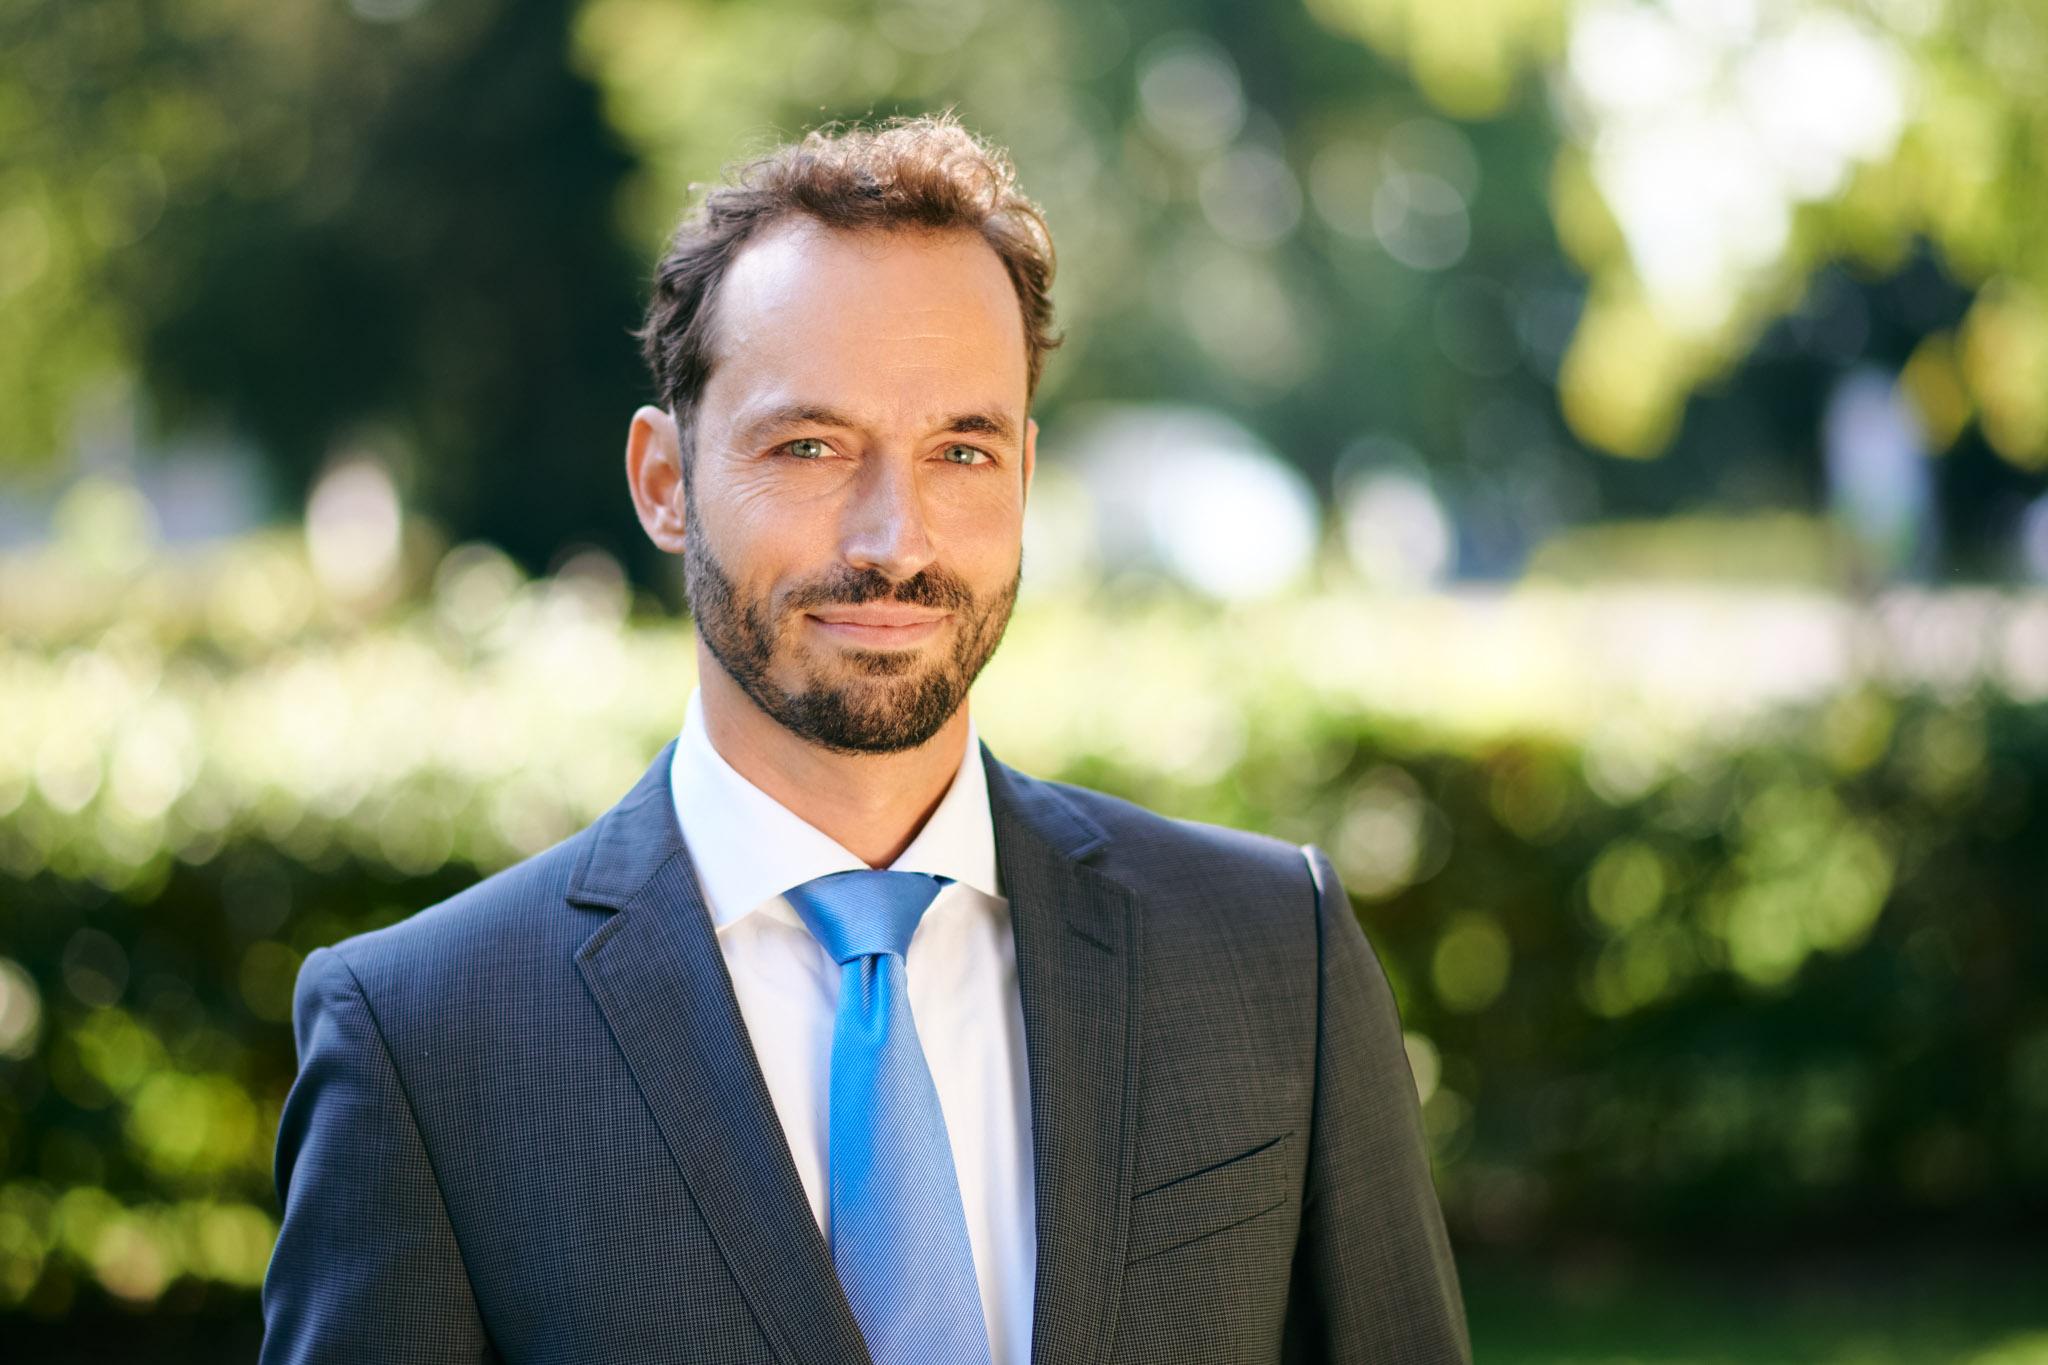 Christoph Fraefel